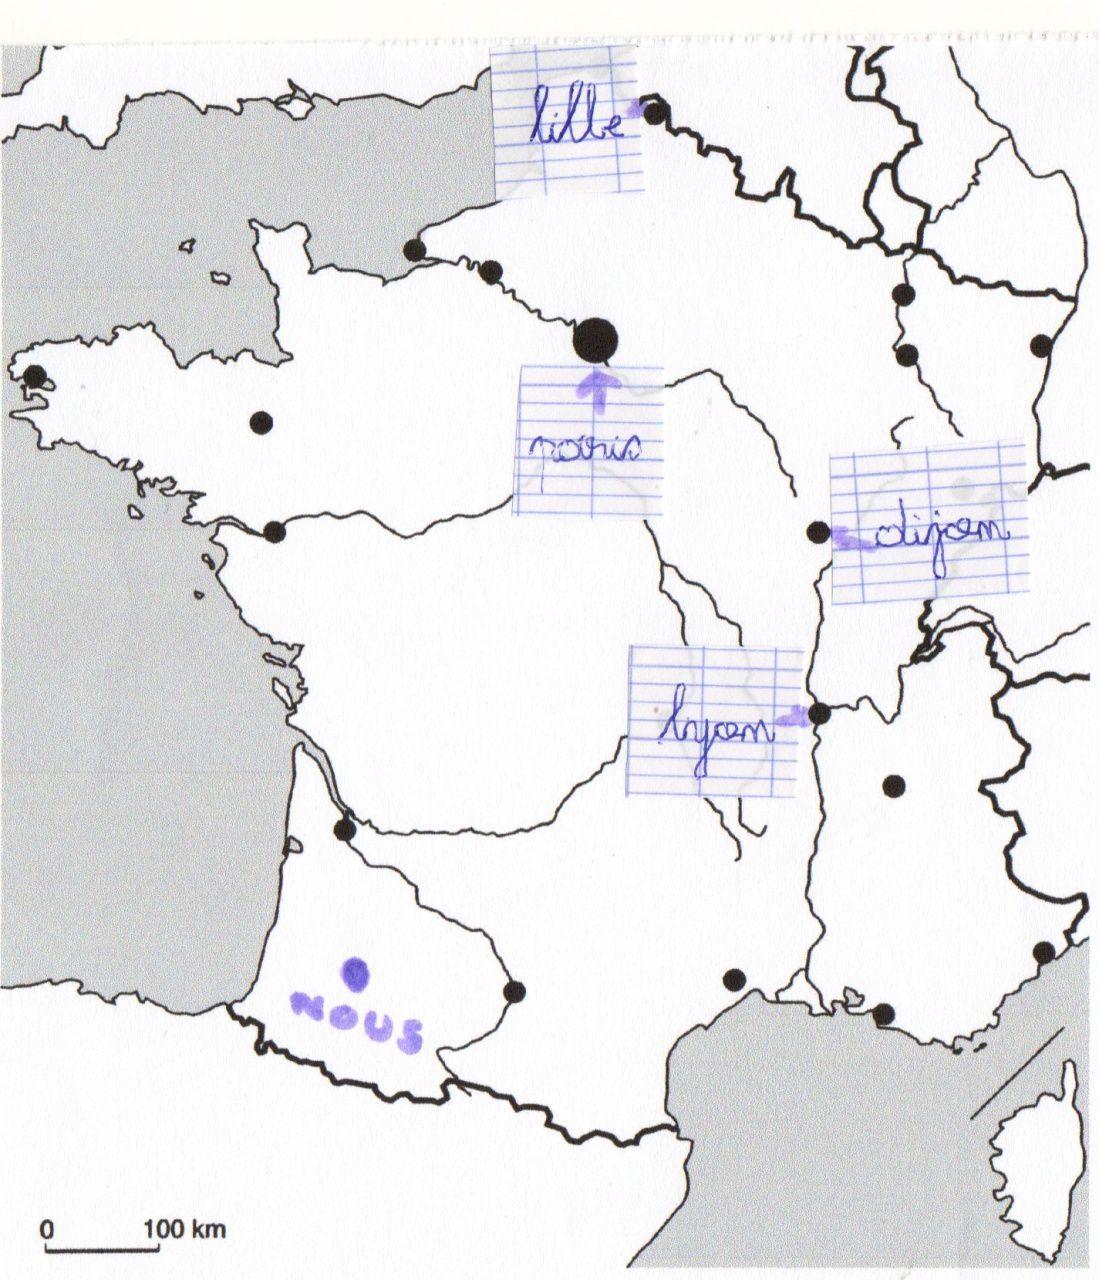 Télécharger Carte De France À Compléter Pdf   Carte De dedans Carte De France Ce1